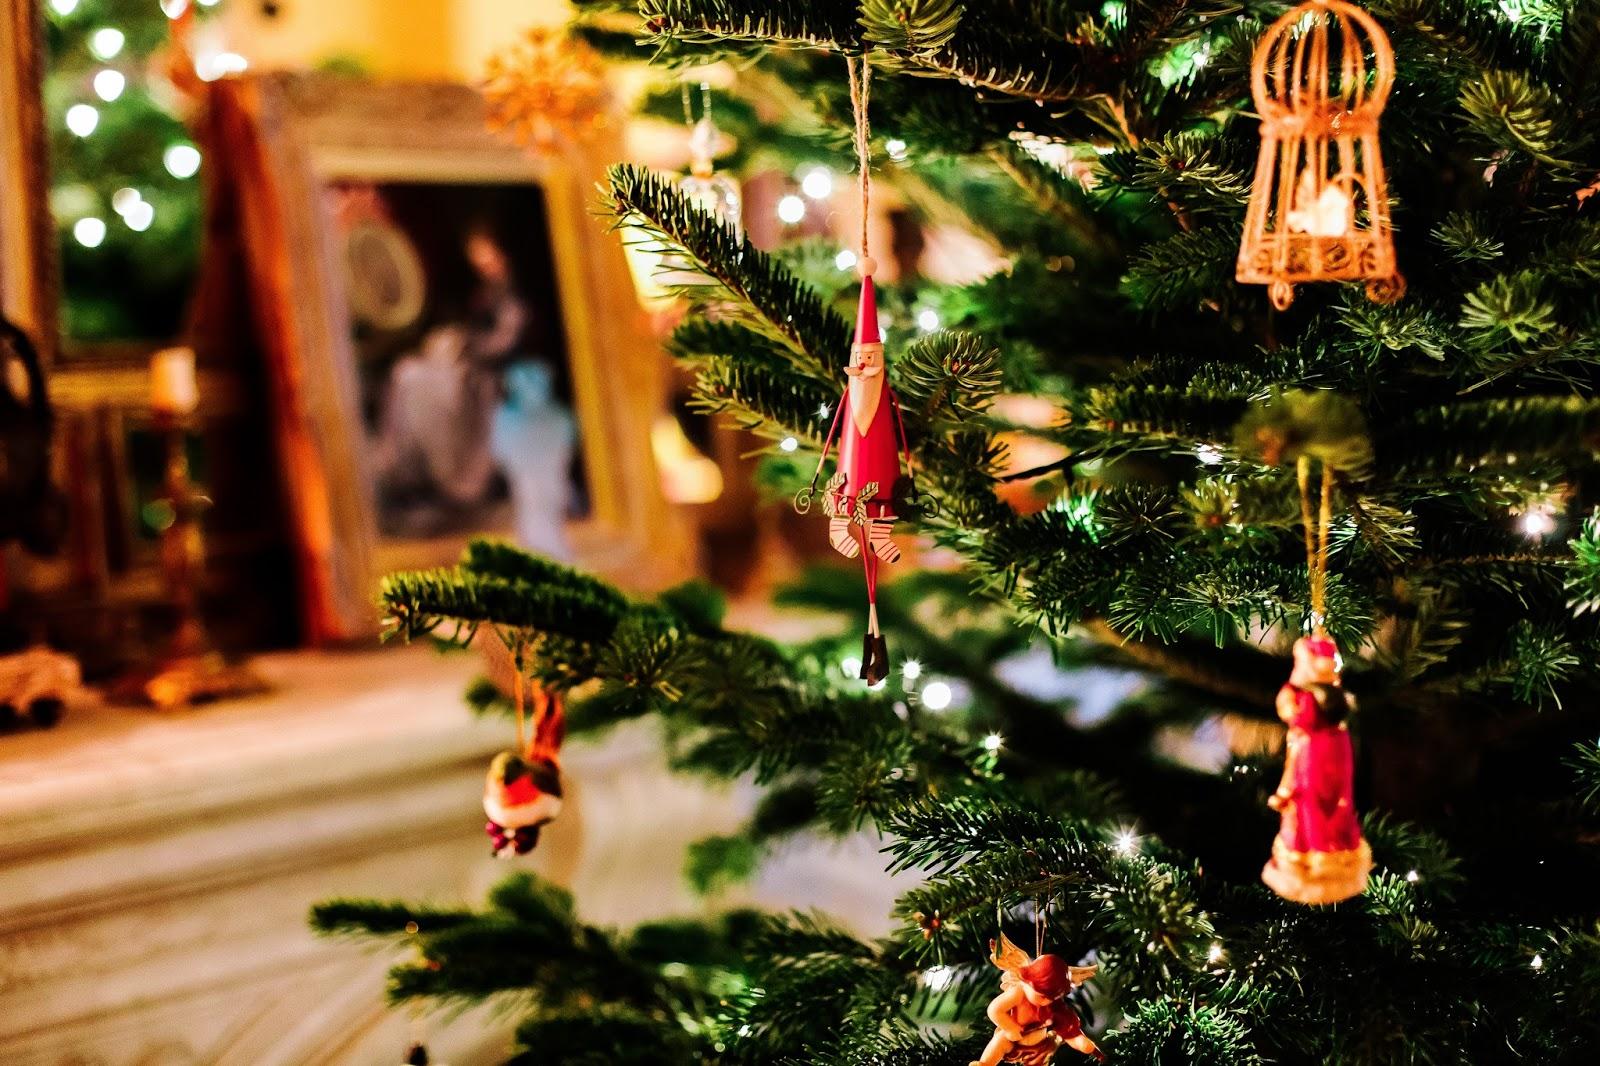 piosenki i pastorałki świąteczne